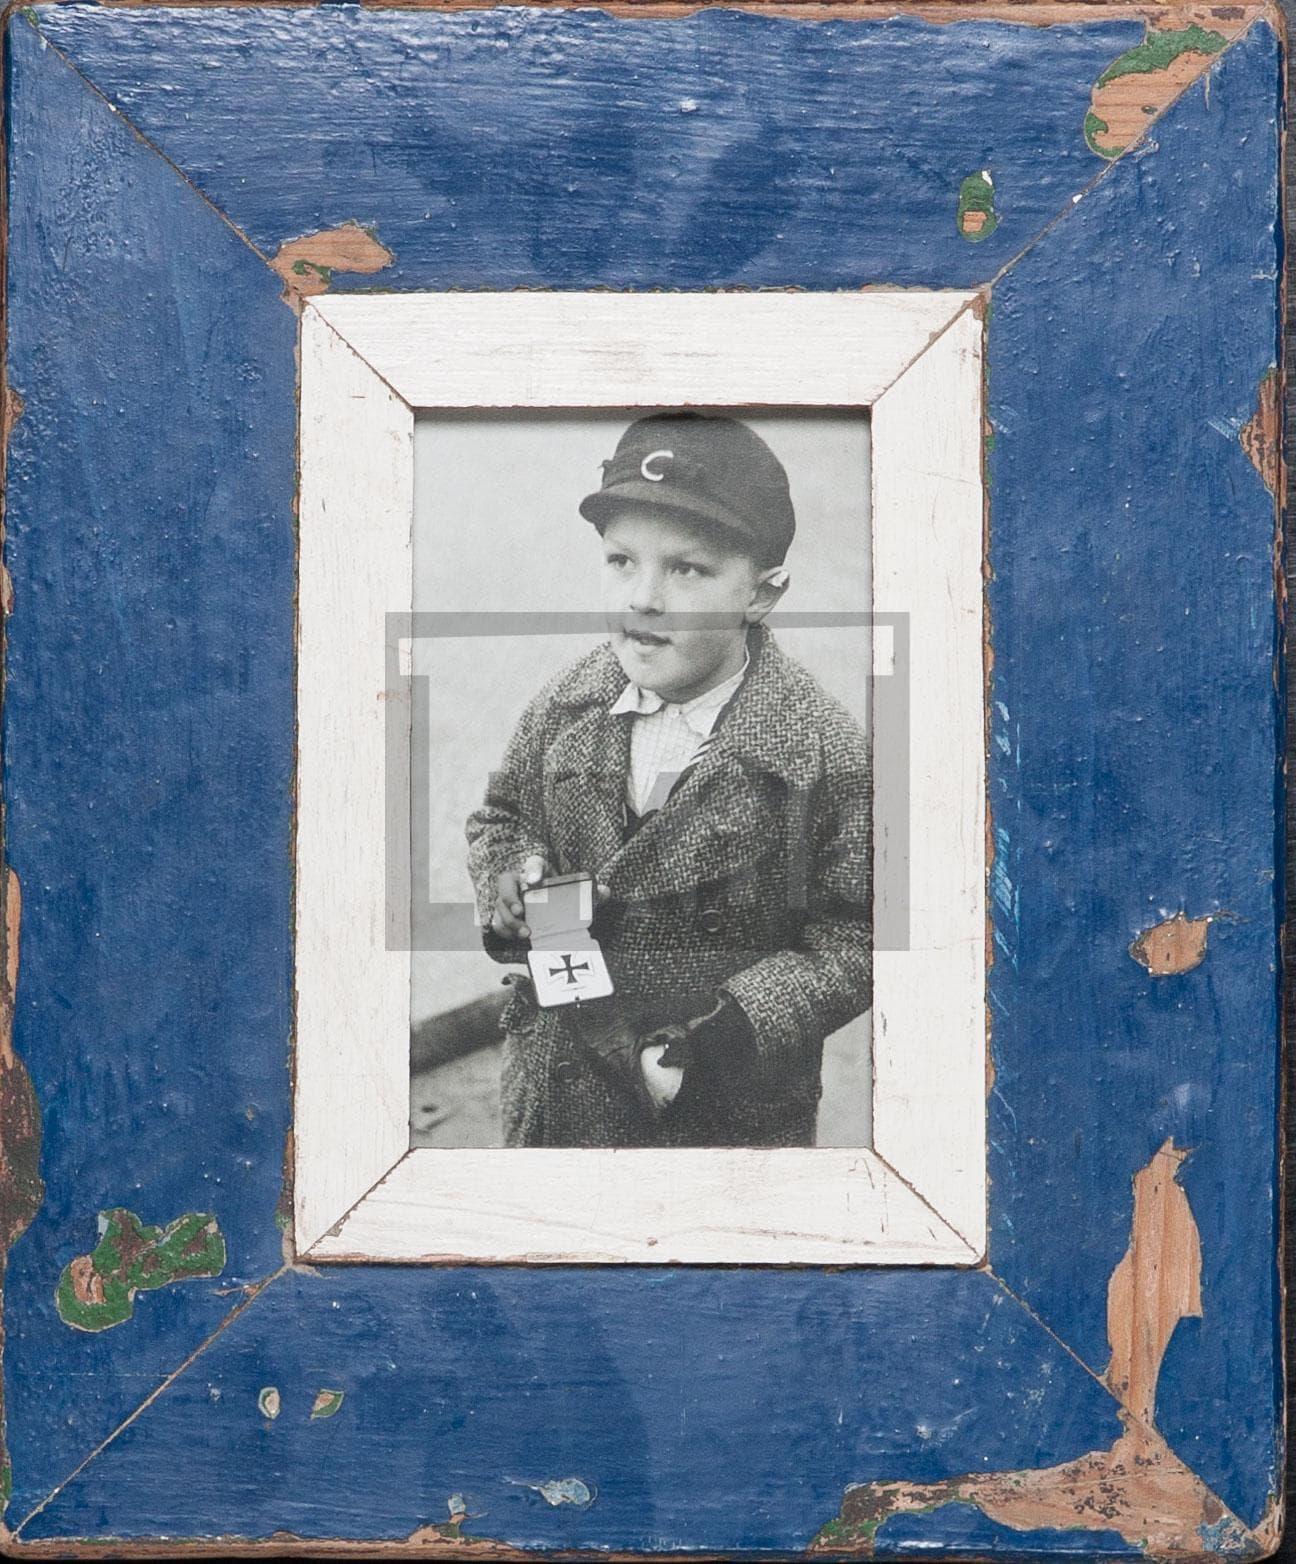 Blauer Vintage-Bilderrahmen für Postkarten